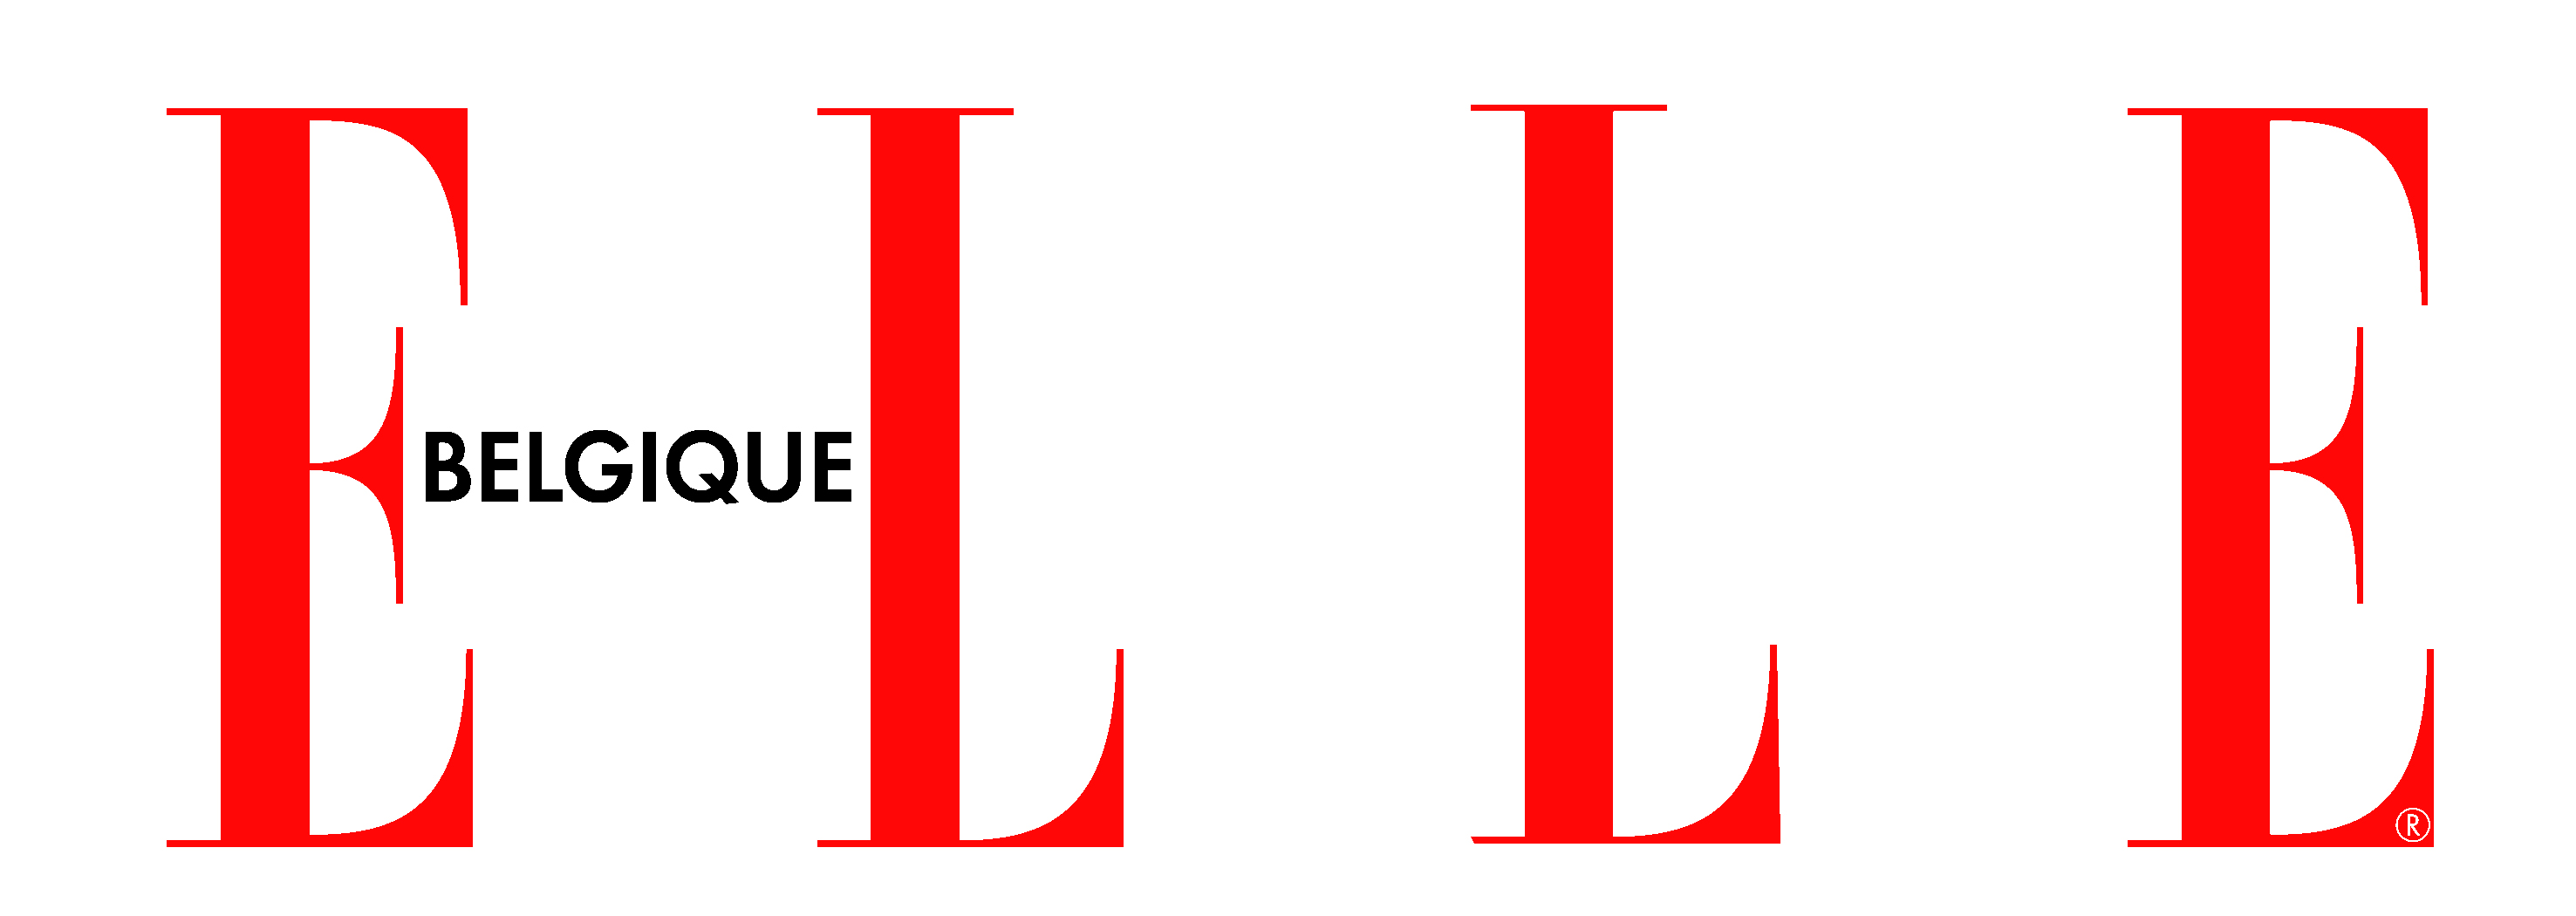 elle_belgique_rouge-2